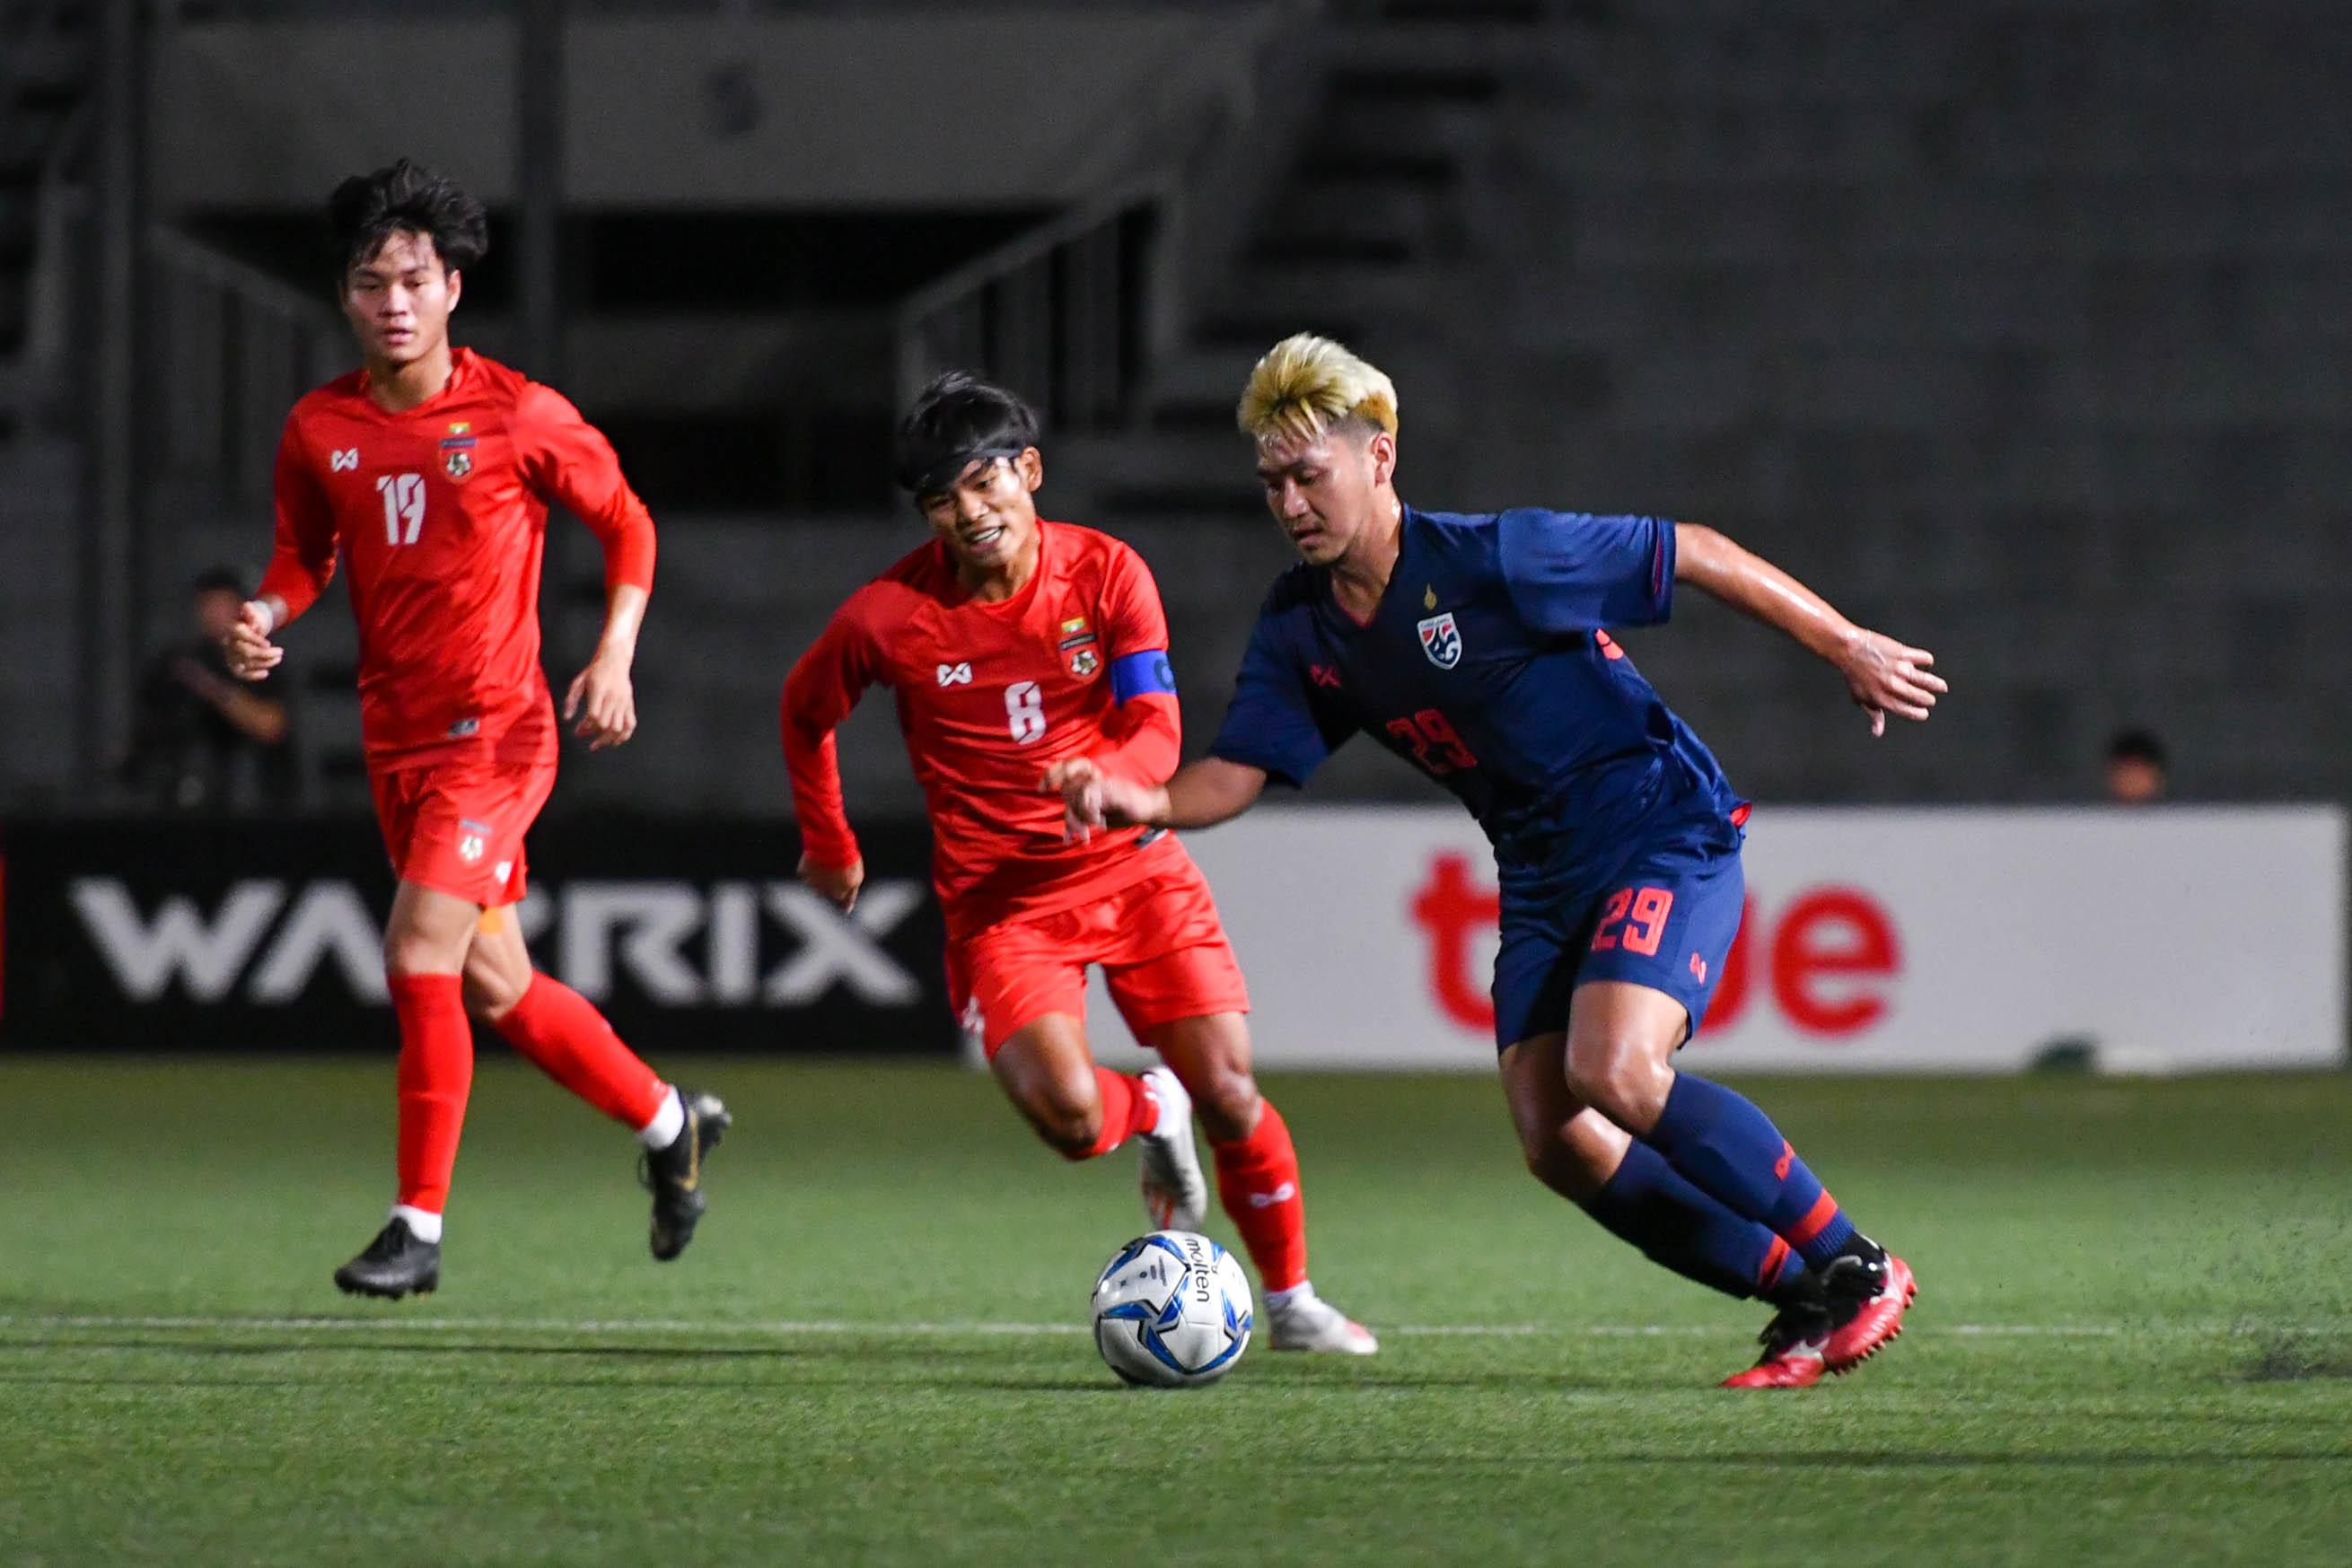 สิทธิโชค ภาโส ทีมชาติไทยชุดซีเกมส์